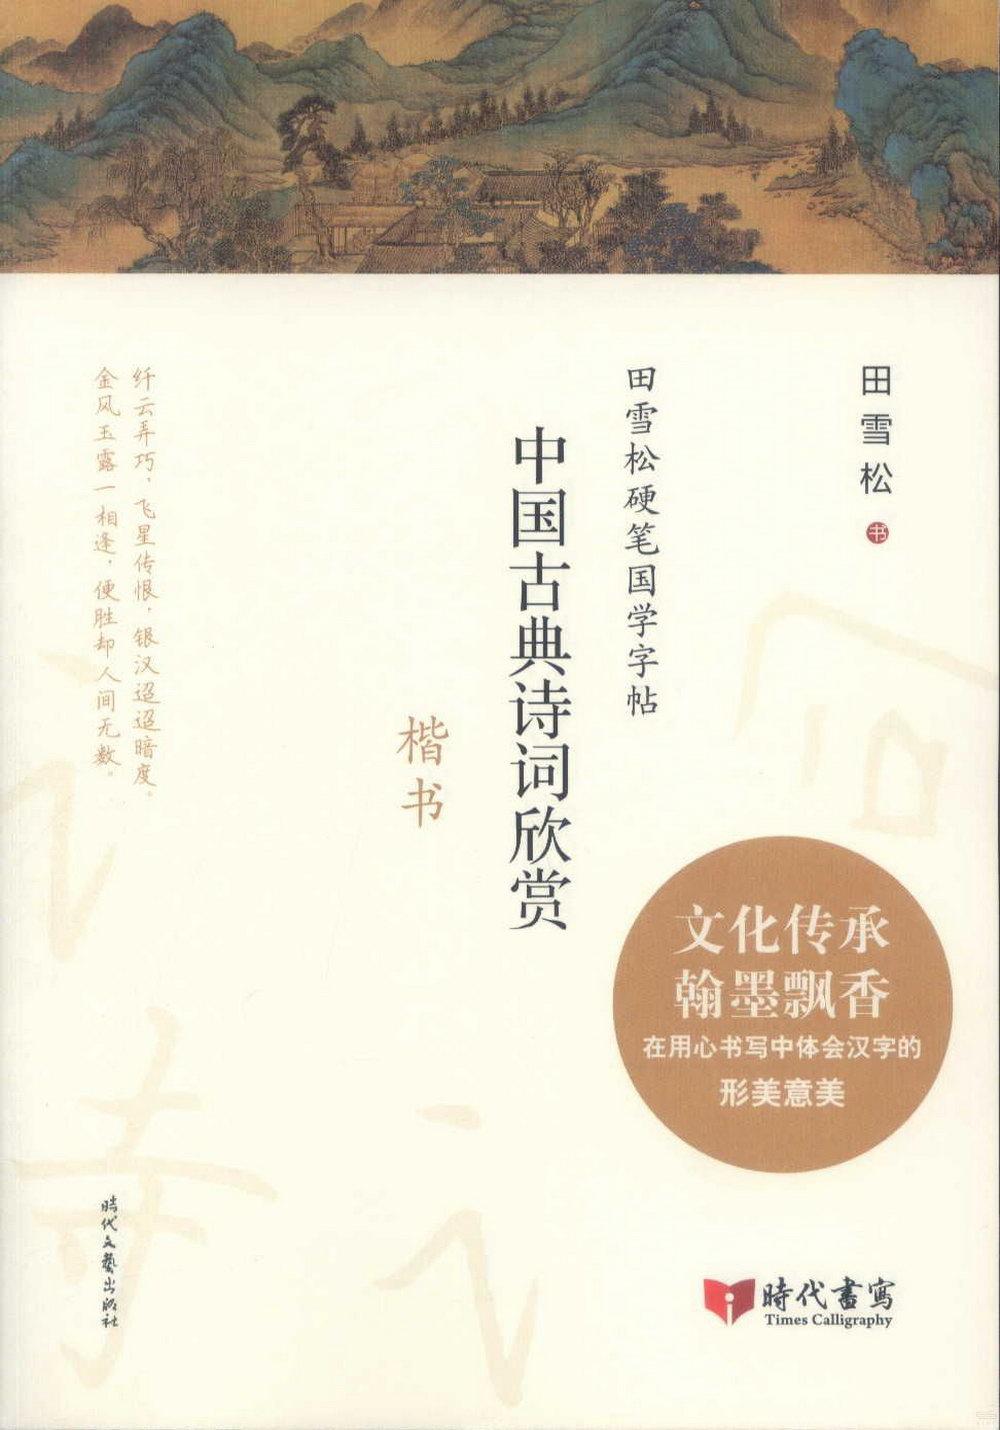 中國古典詩詞欣賞:楷書